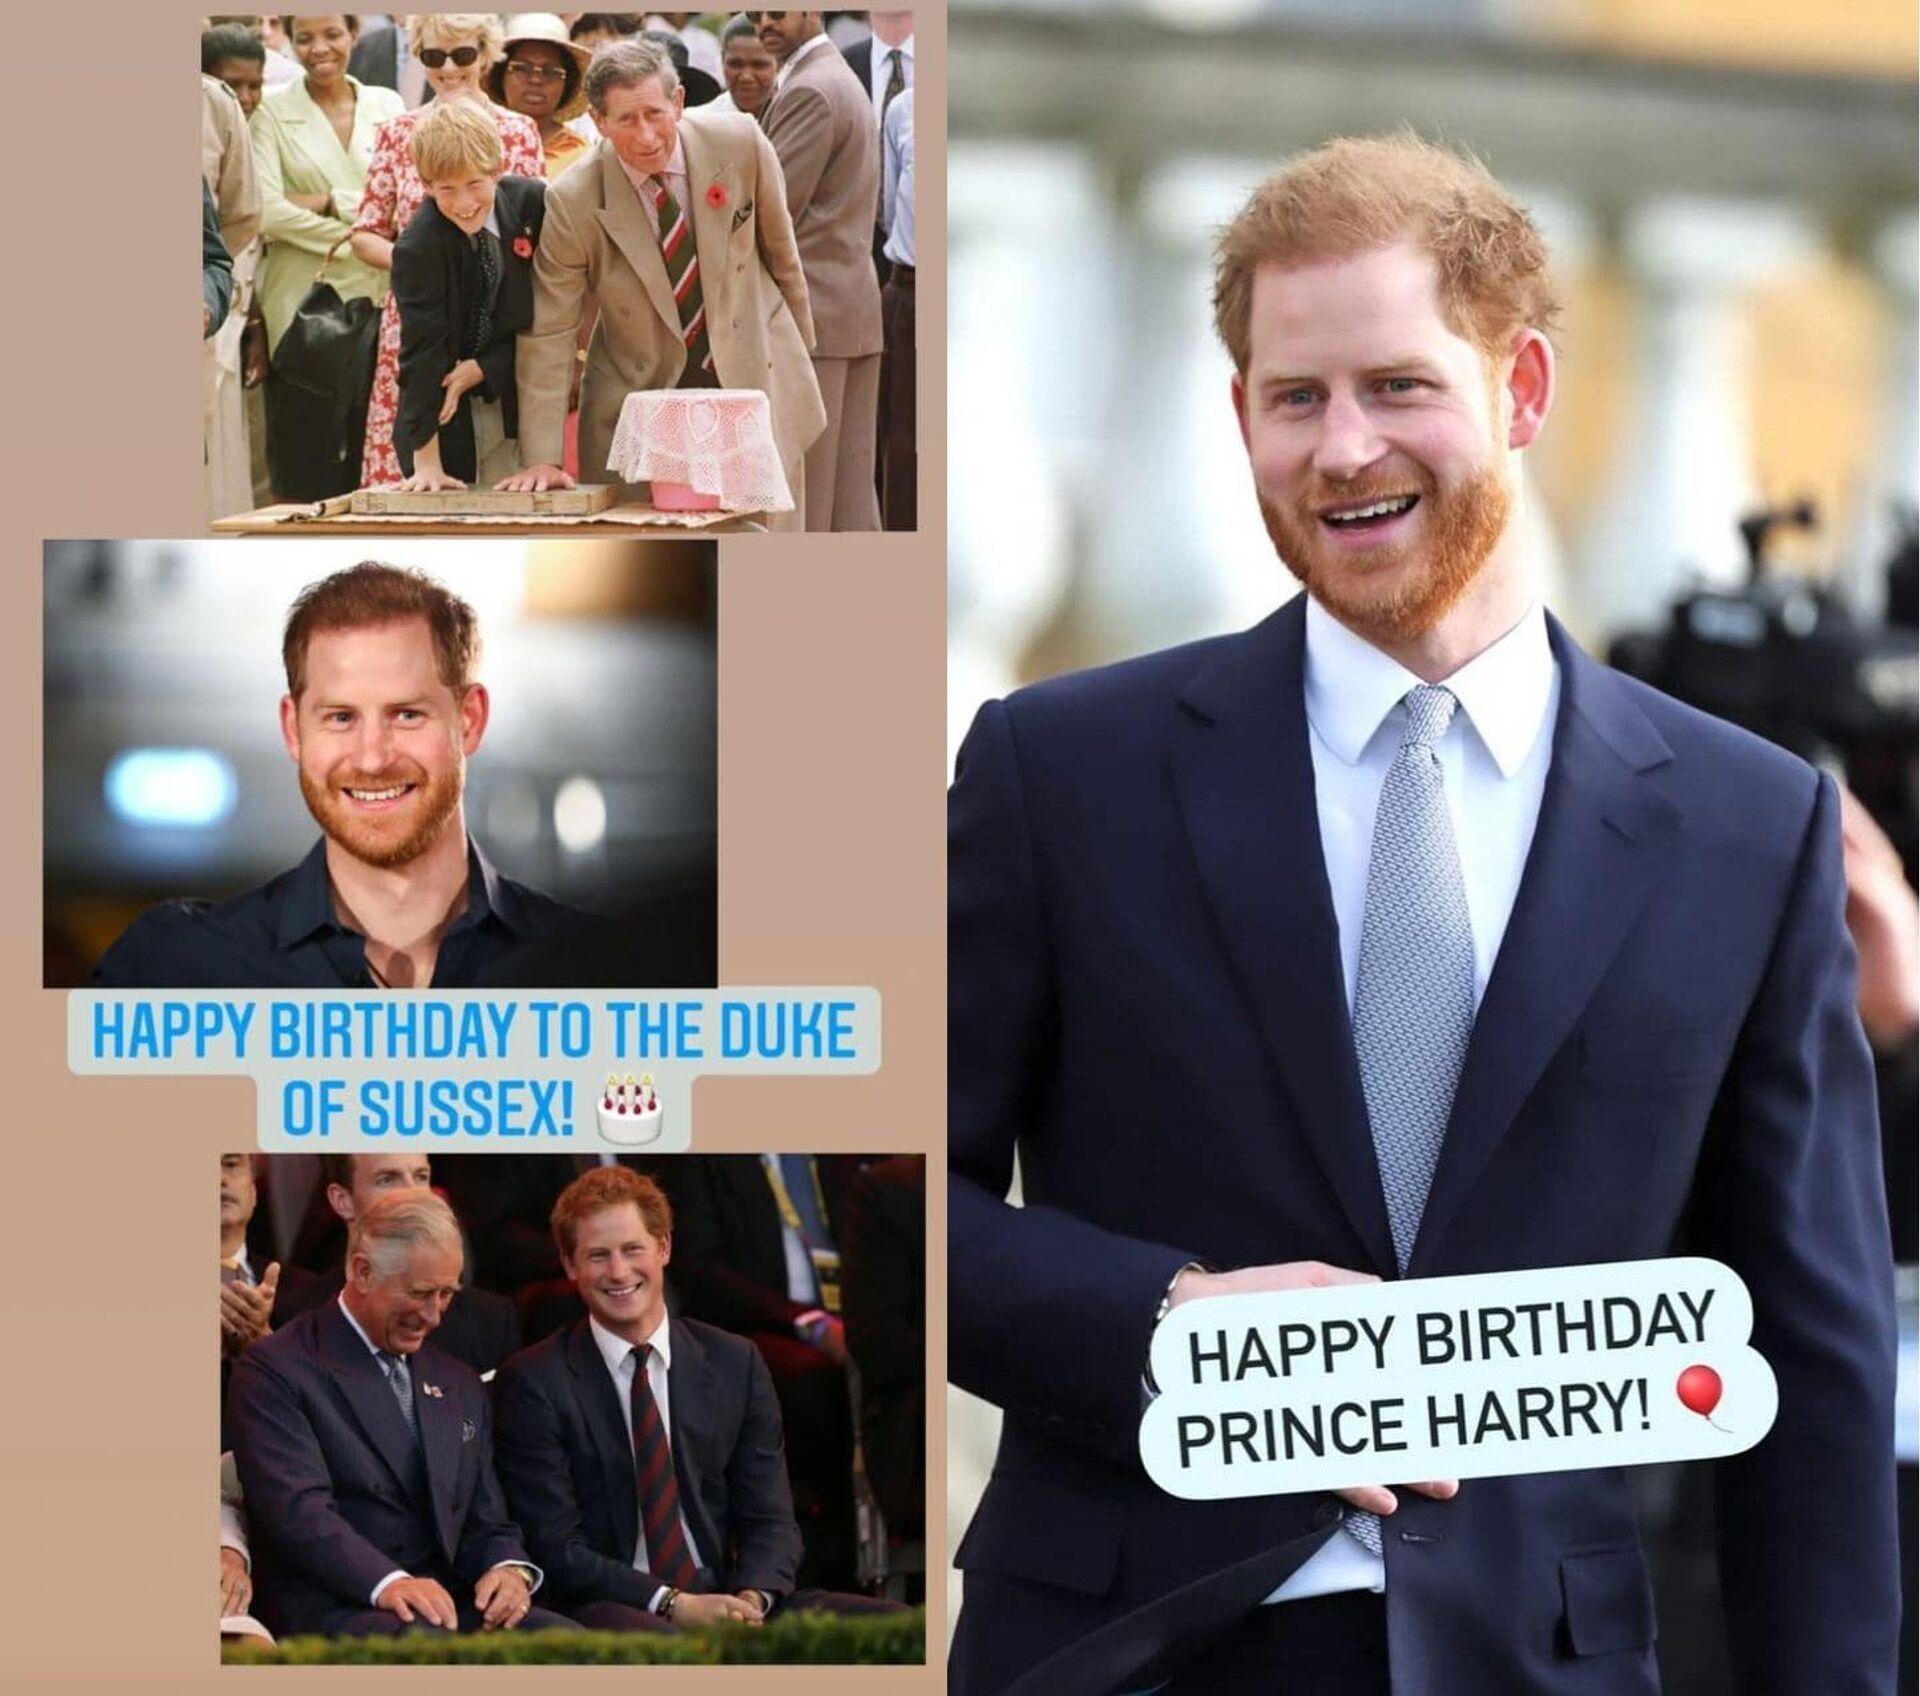 Скриншоты поздравлений принцу Гарри с днем рождения - Sputnik Грузия, 1920, 16.09.2021